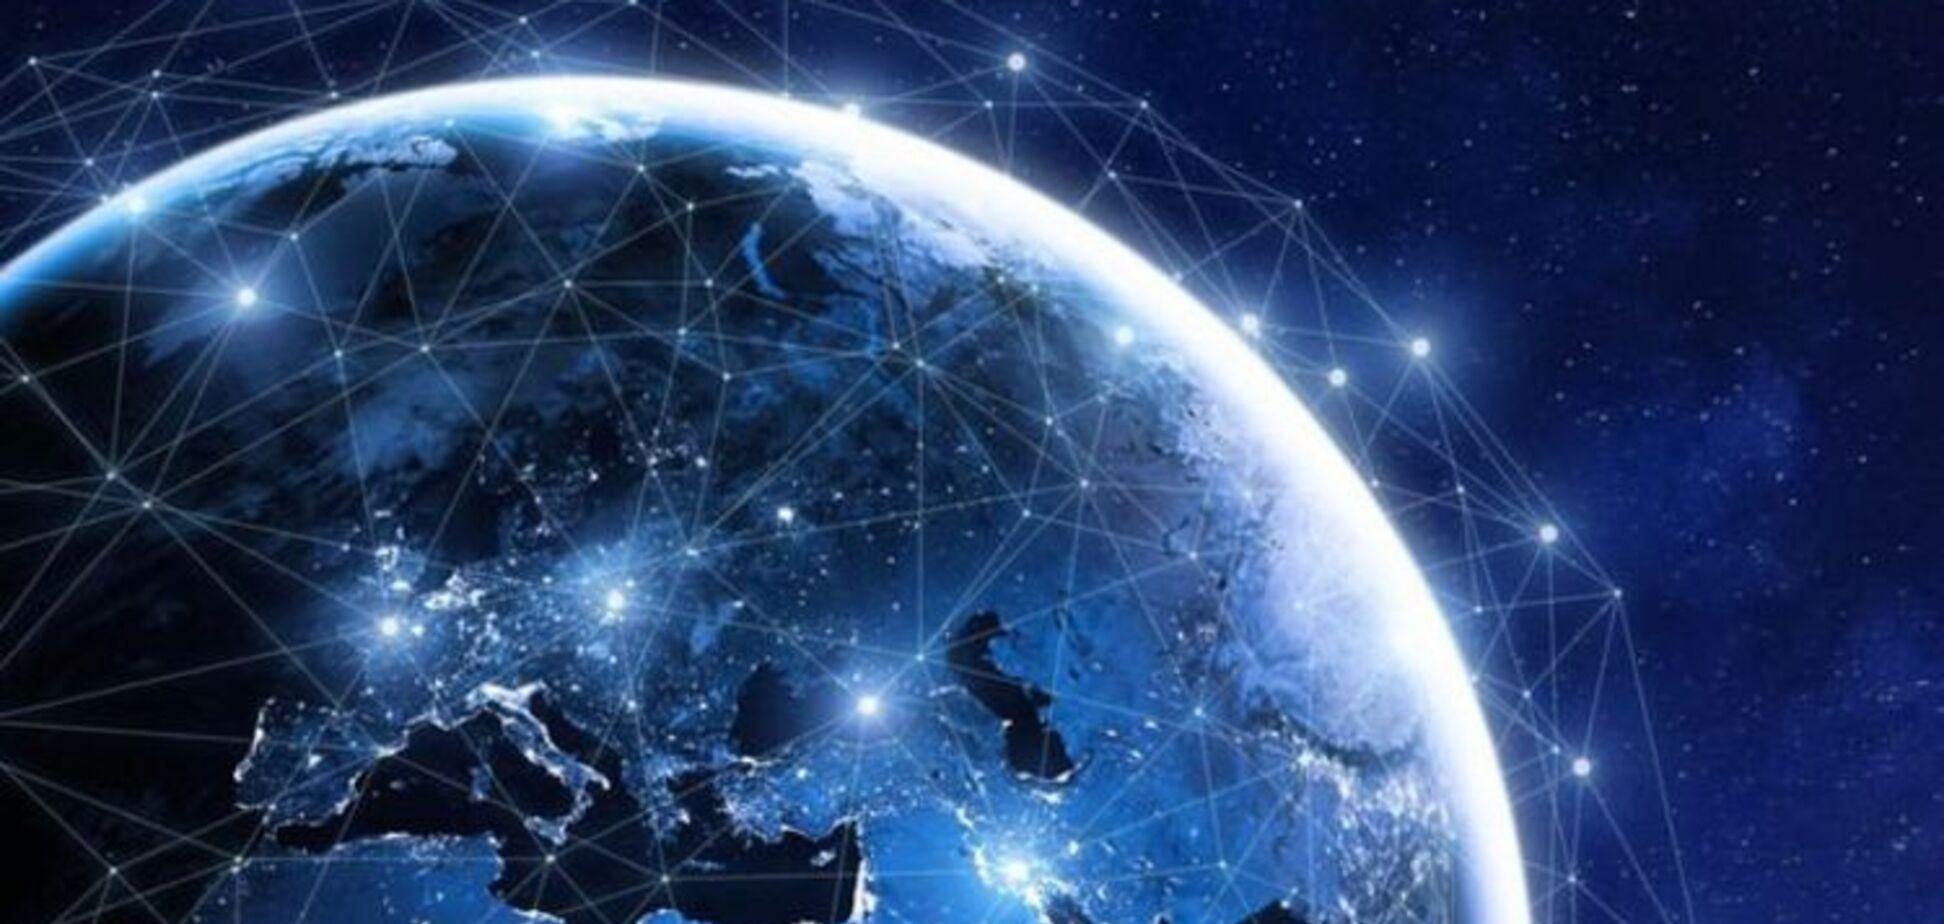 Прорыв Илона Маска: техническая революция только начинается